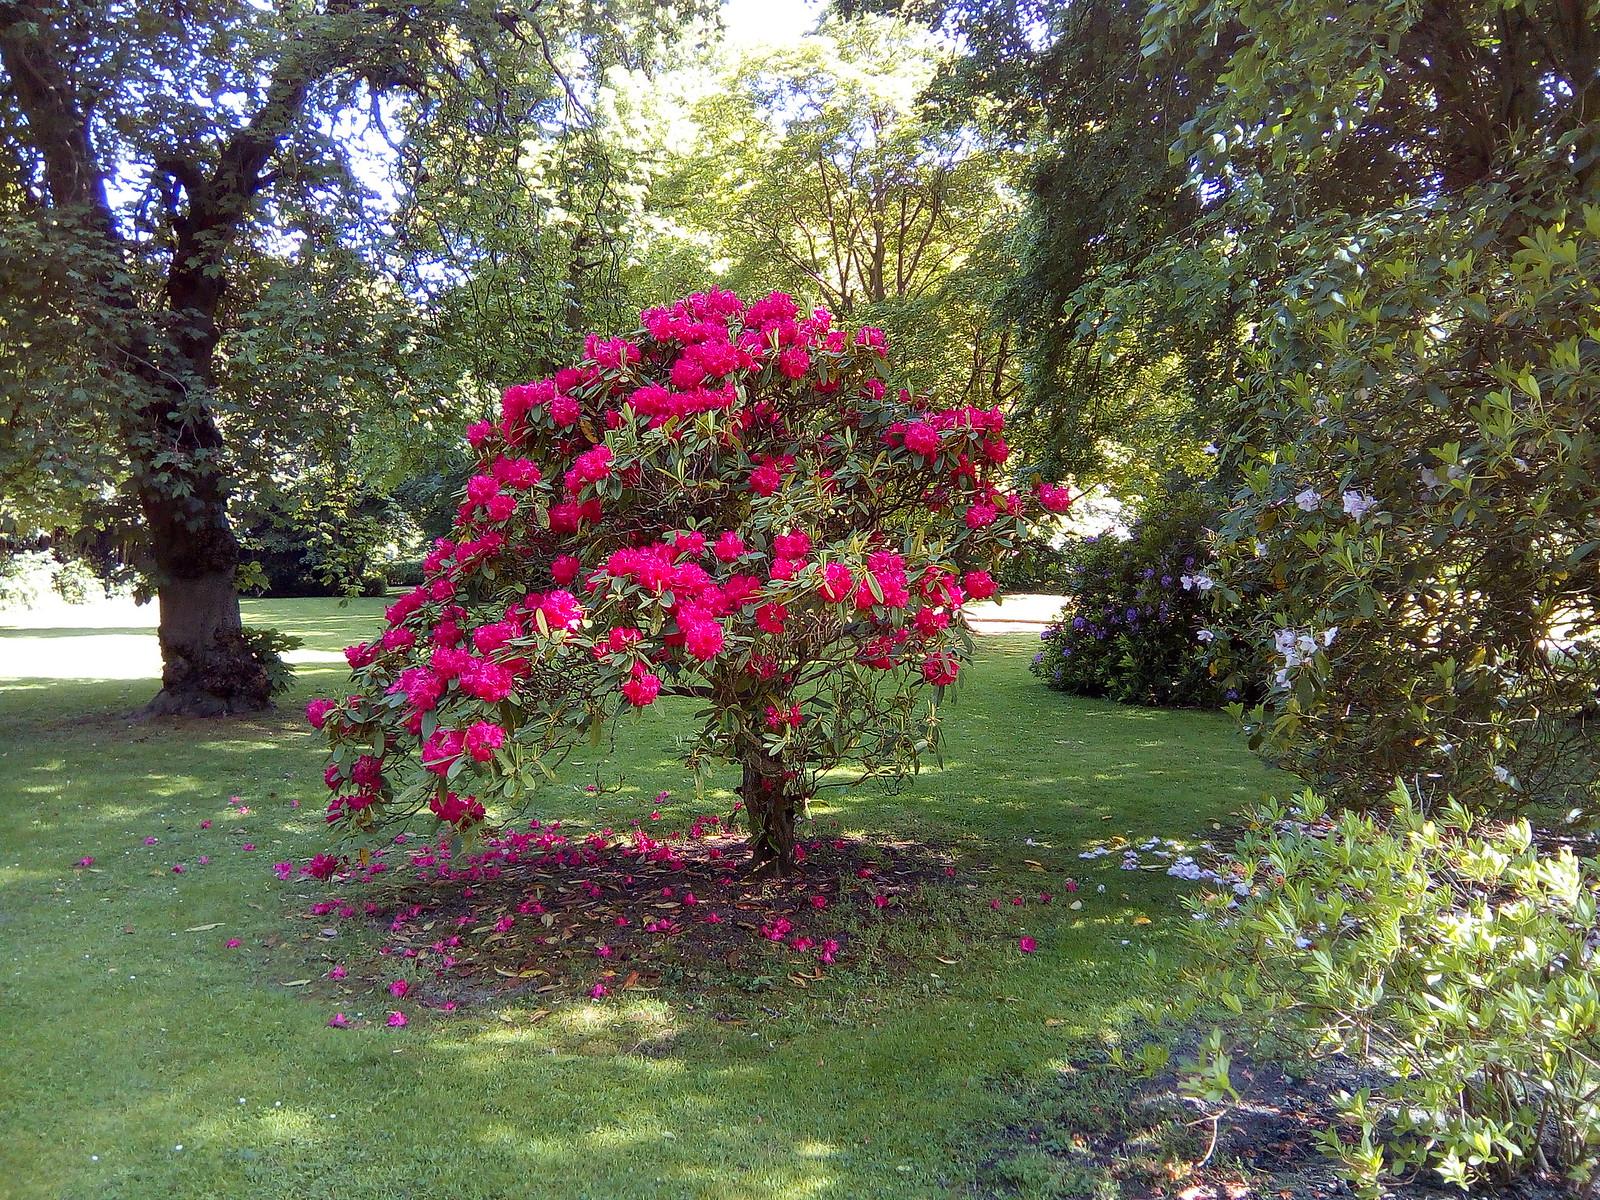 Azalea or Rhododrendum